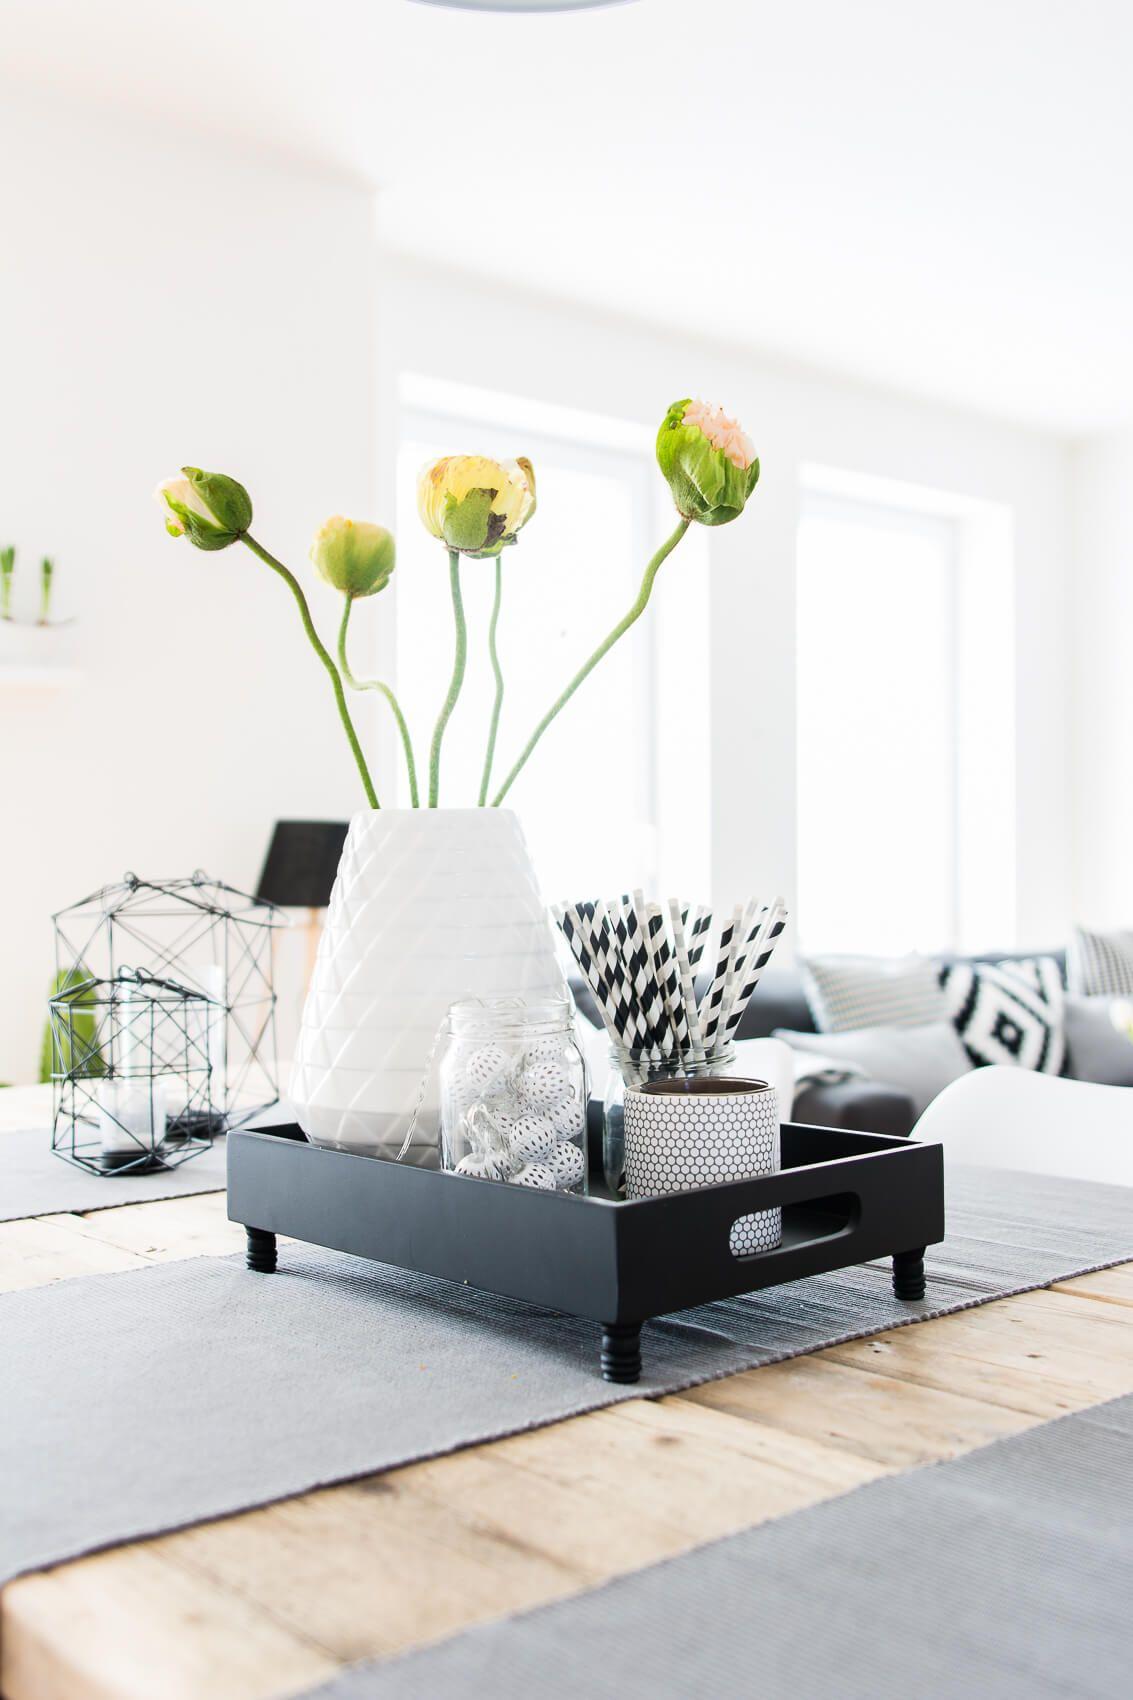 dining room living room esszimmer wohnzimmer decoration dekoration einrichtung - Einrichtung Esszimmer Wohnzimmer